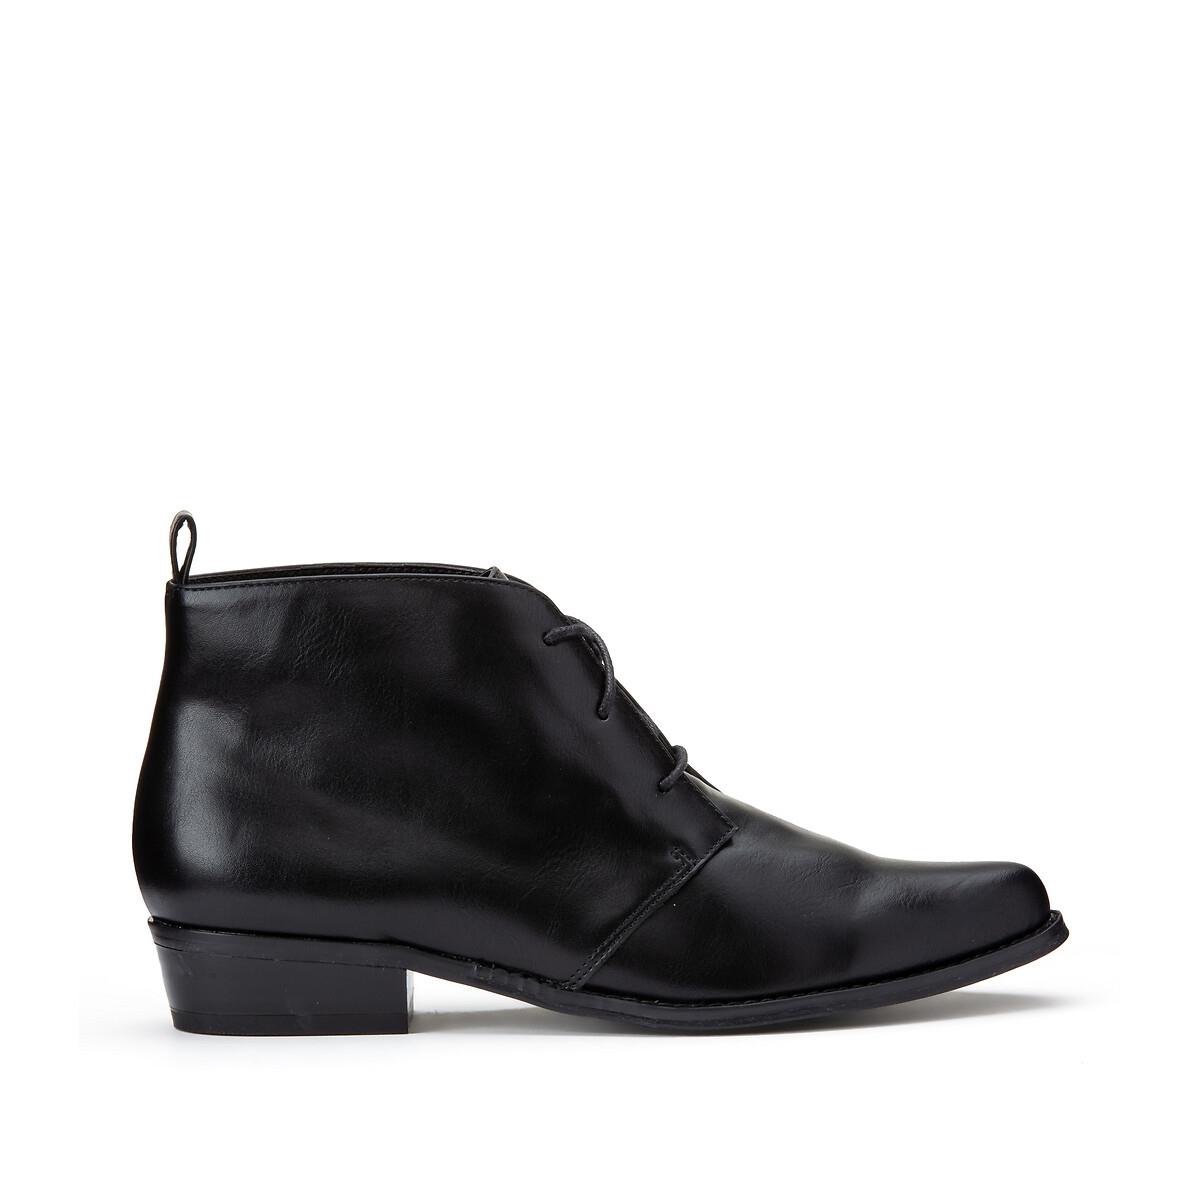 Ботинки-оксфорды LaRedoute На шнуровке 36 черный 350189219 фото